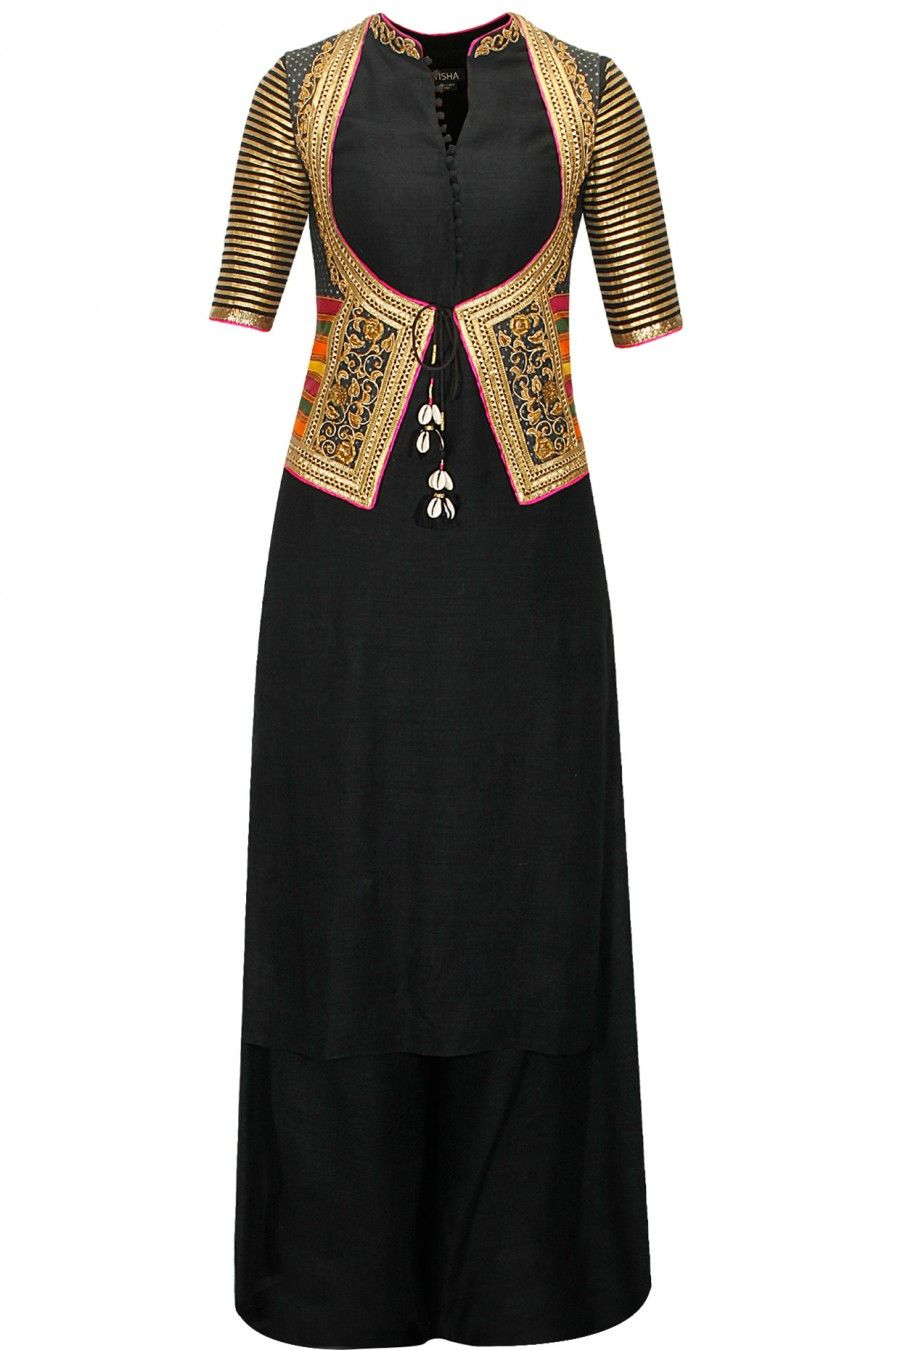 Tisha saksena indian dress pinterest indian wear kurtis and kurti